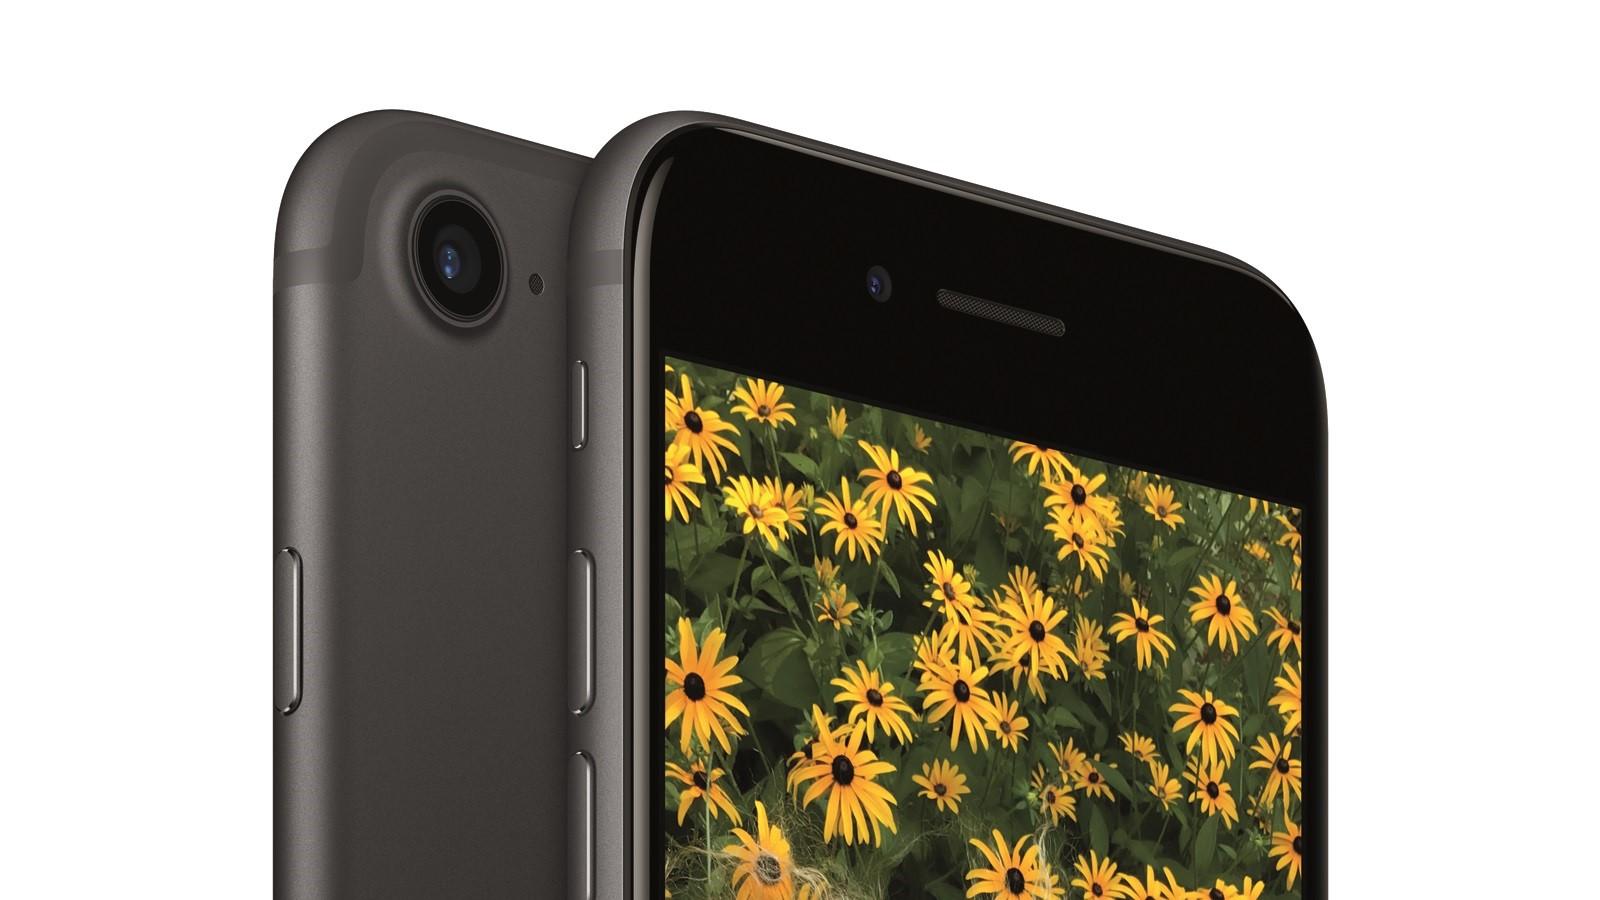 Ifølge CIRP tok iPhone 7 en stor del av iPhone-kaken under årets tredje kvartal.